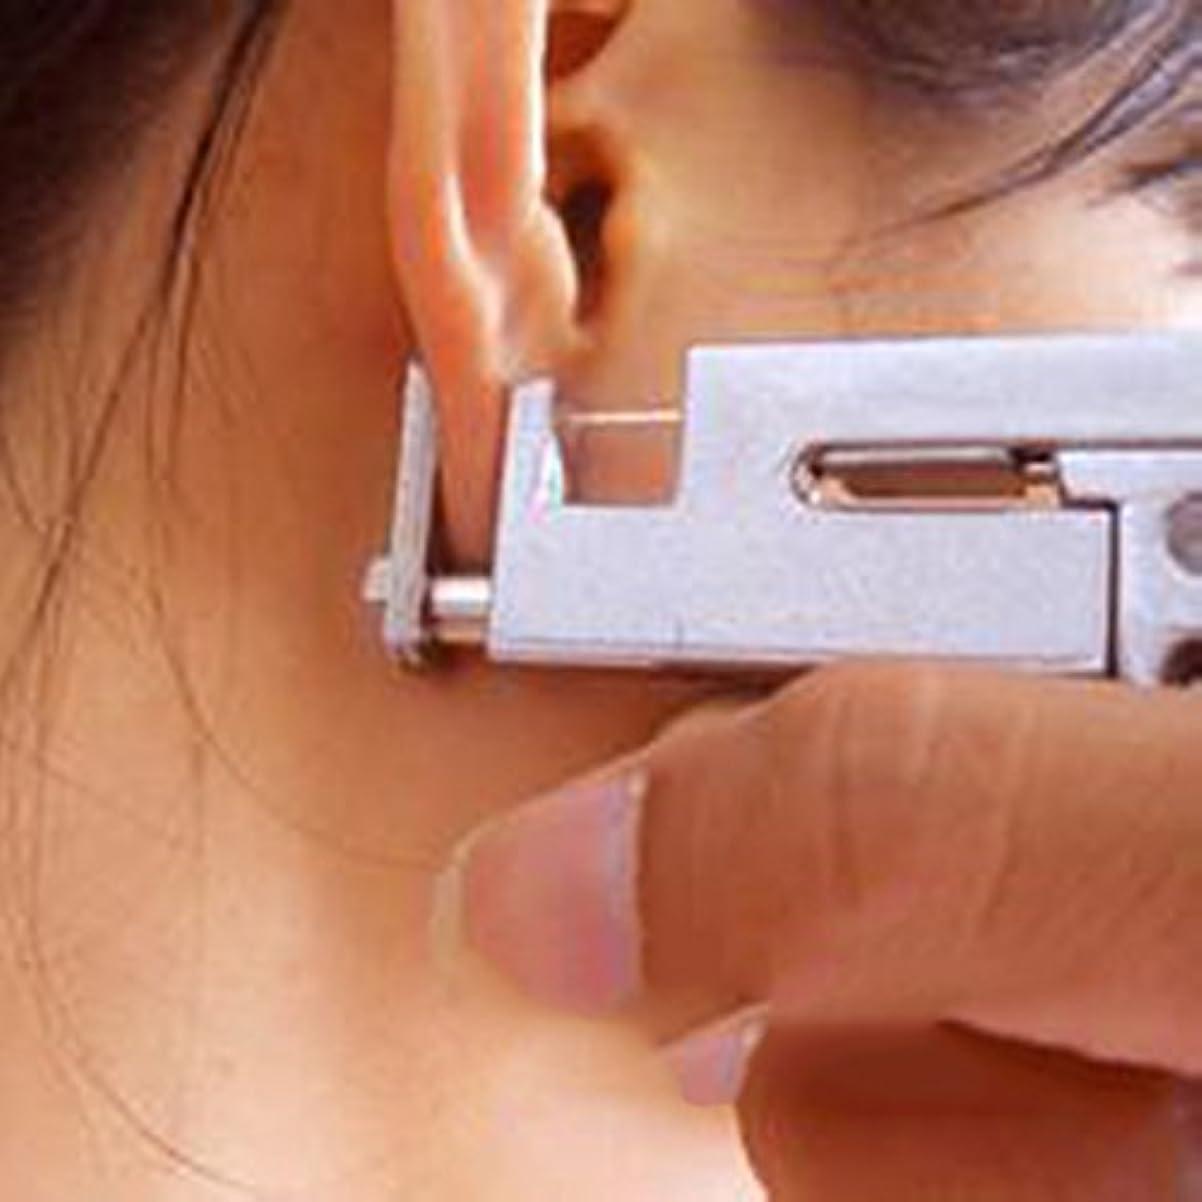 未来アウトドア判定プロの耳ボディ鼻ピアスガン 工作機械キットセット+ 98個スチールスタッド 使いやすい